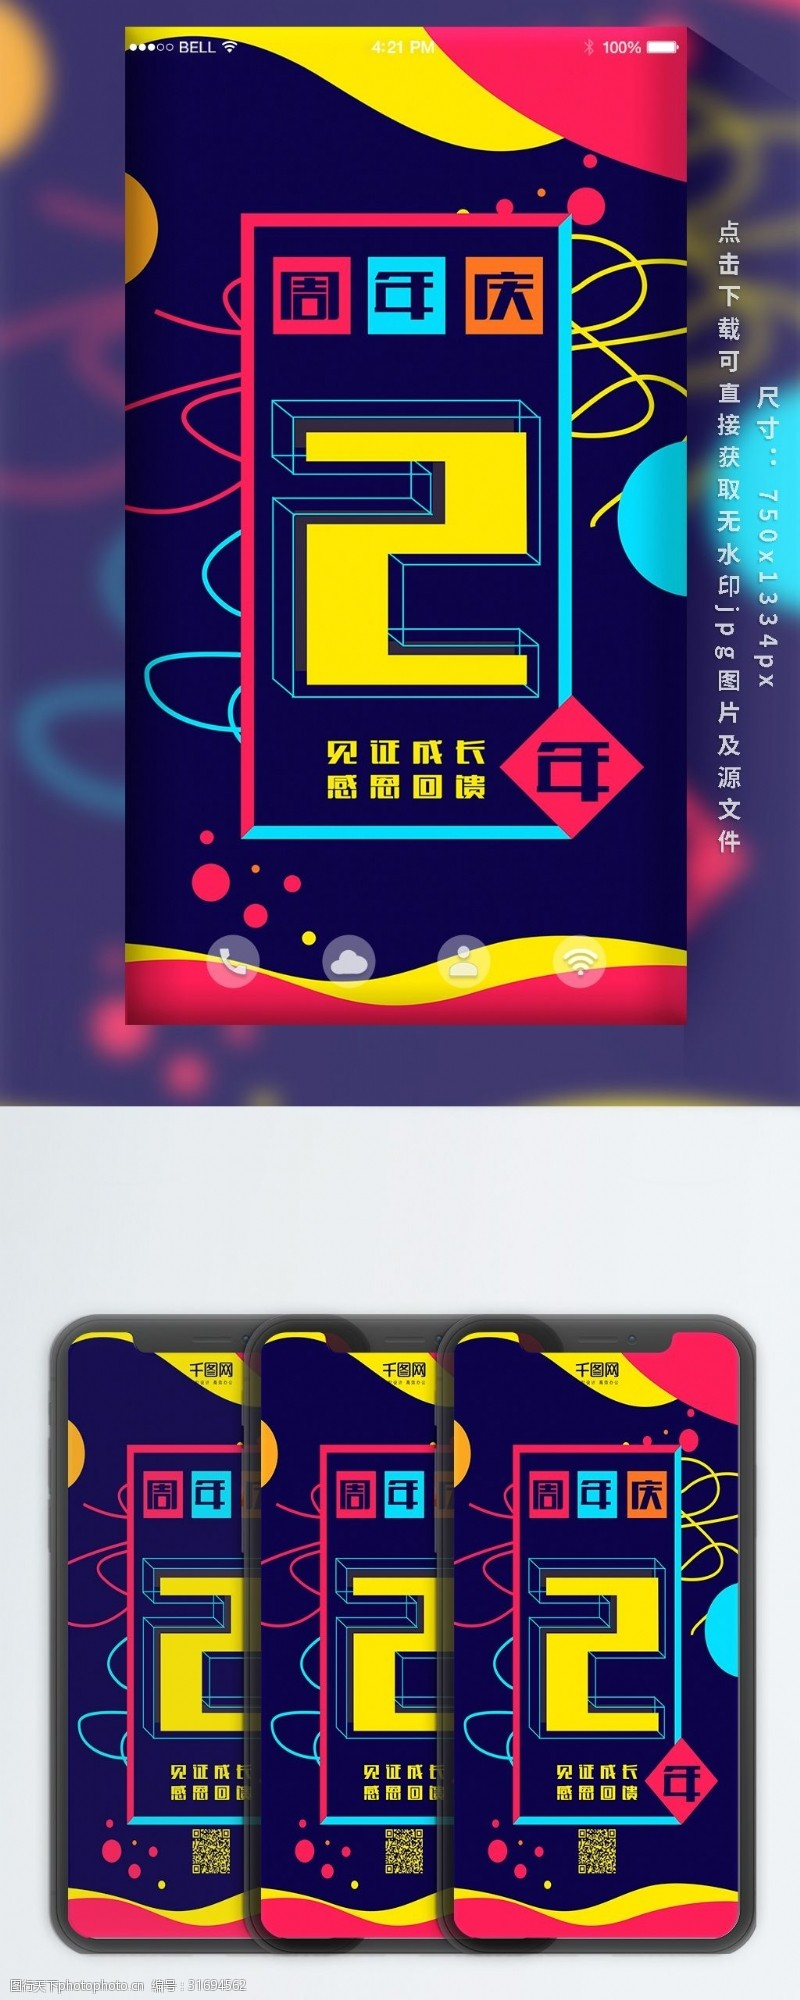 炫彩时尚几何创意2周年庆手机海报